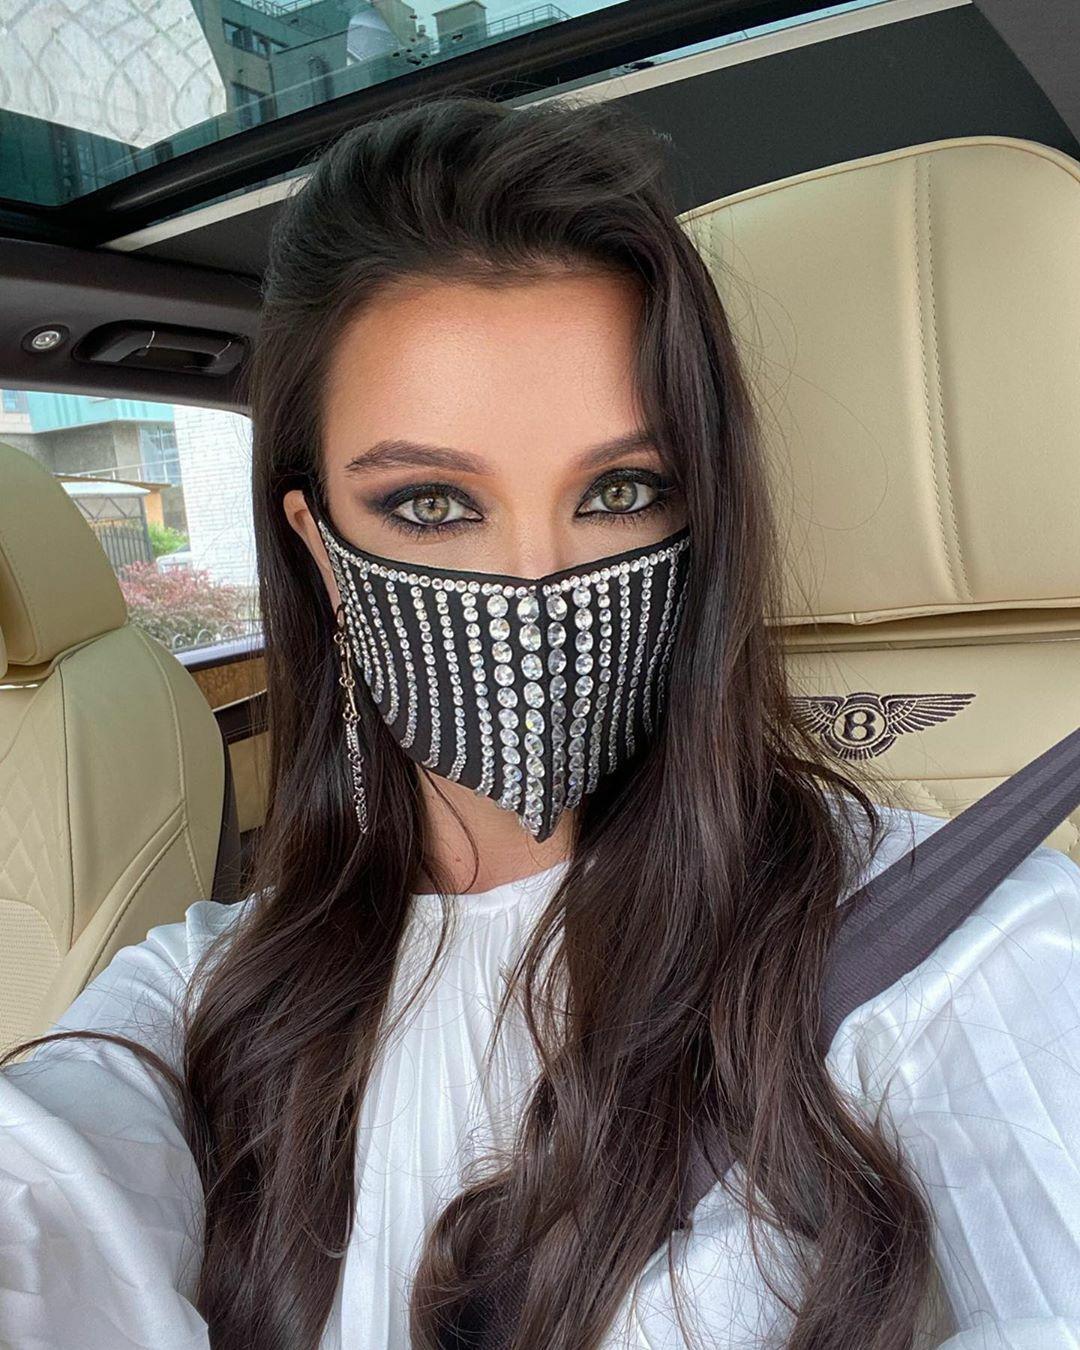 Hội con nhà giàu khắp nơi trên thế giới pose hình từ đi hàng ngàn dặm trong những chiếc siêu xe cho đến nằm phơi nắng ở các khách sạn năm sao. Trong ảnh, nhà thiết kế người Nga Dimavika tạo dáng trước một chuyến đi trên xe Bentley. Cô đeo khẩu trang thiết kế riêng đính đầy kim cương.